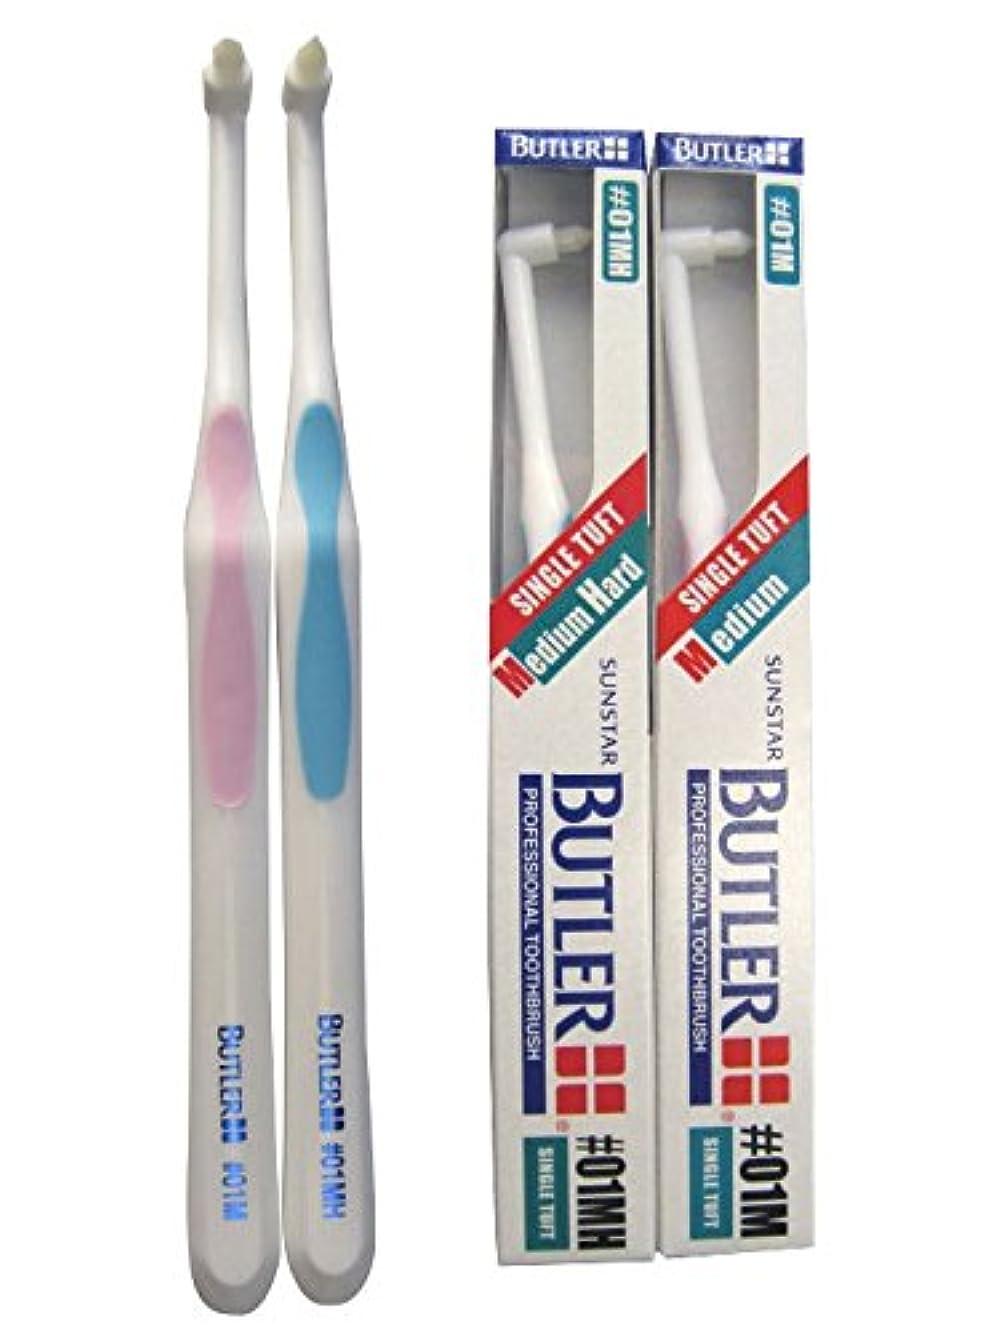 アスレチック説得特徴づける12本 サンスター バトラー ワンタフト歯ブラシ #01M #01MH (MH(ミディアムハード))